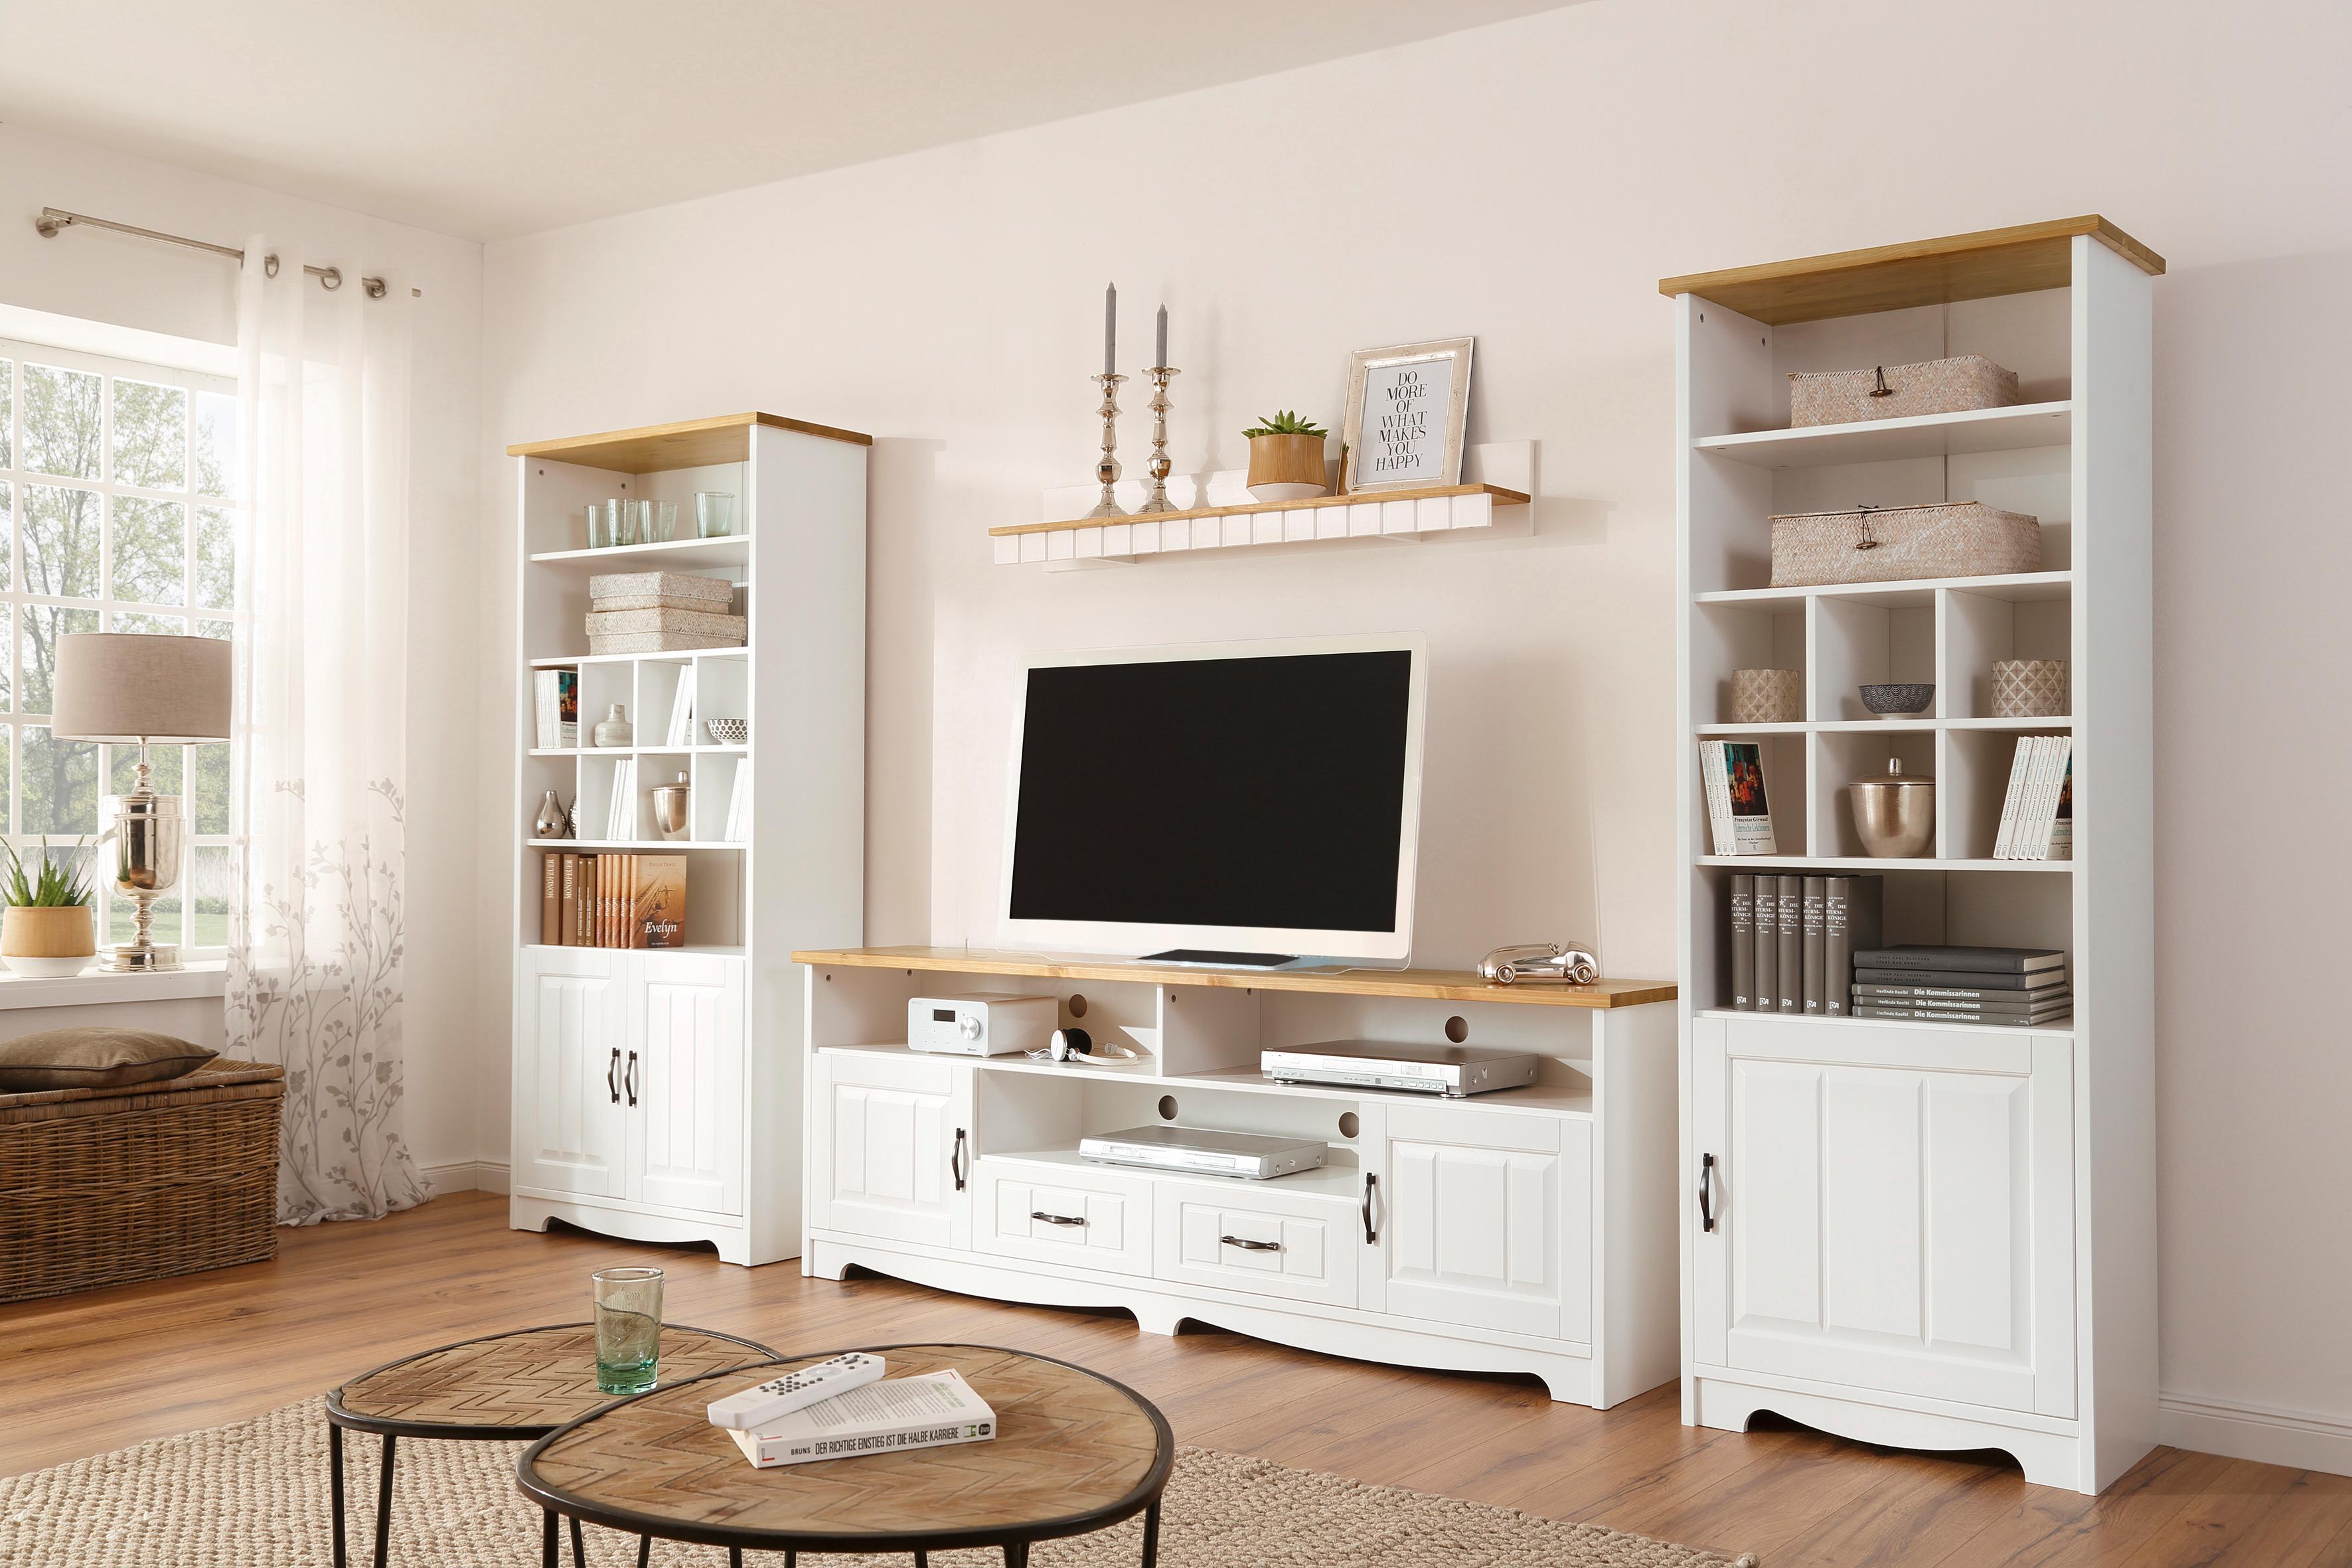 Home affaire 4-teilige Wohnwand «Trinidad», Set aus 1 Lowboard, 1 Wandboard, 1 Regal mit 1 Tür, 1 Regal mit 2 Türen